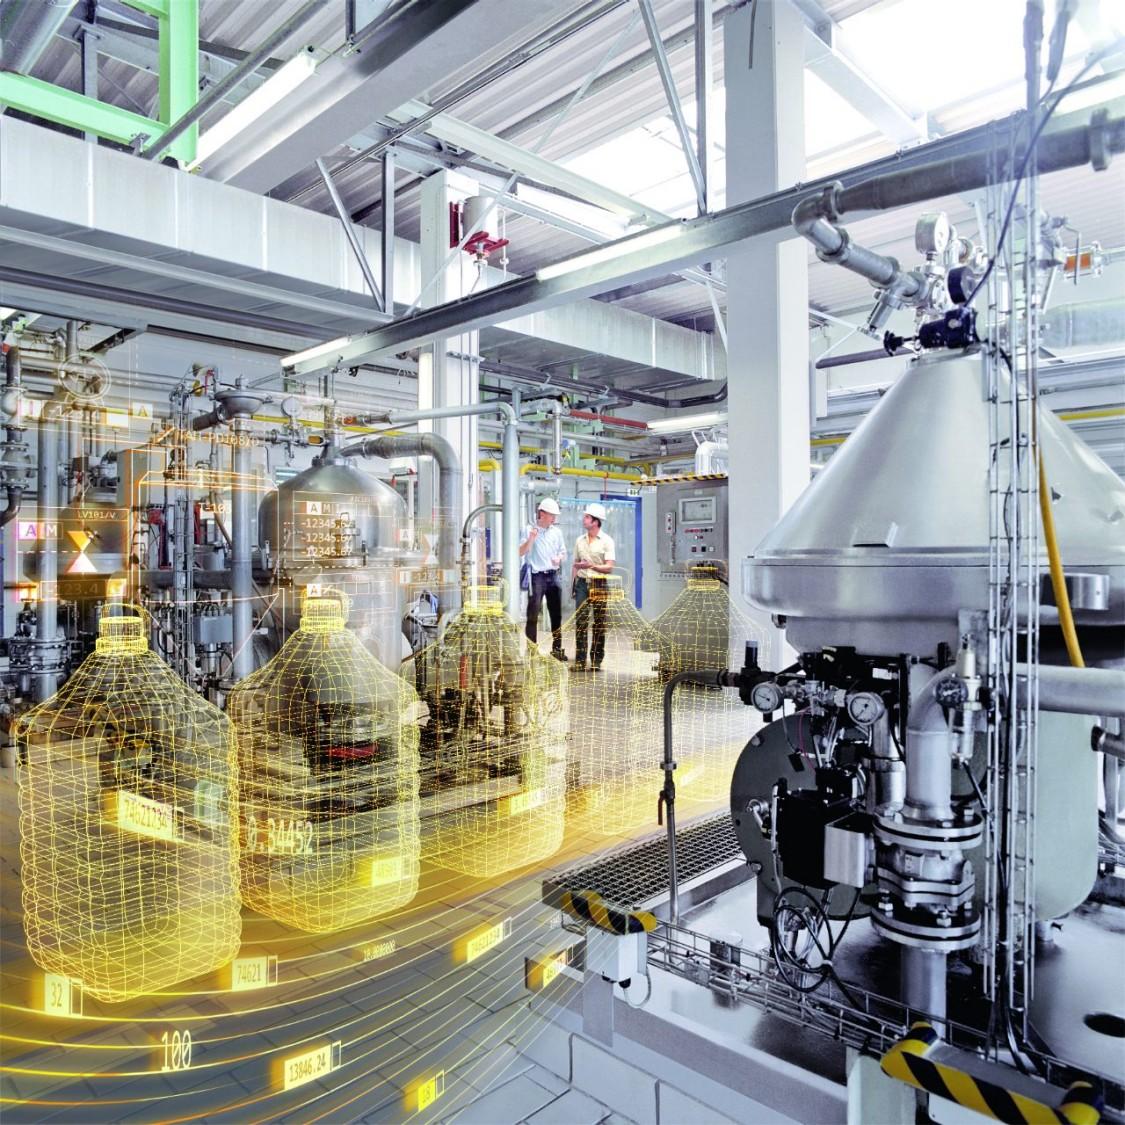 Edible Oil Industry | Food & Beverage | Siemens